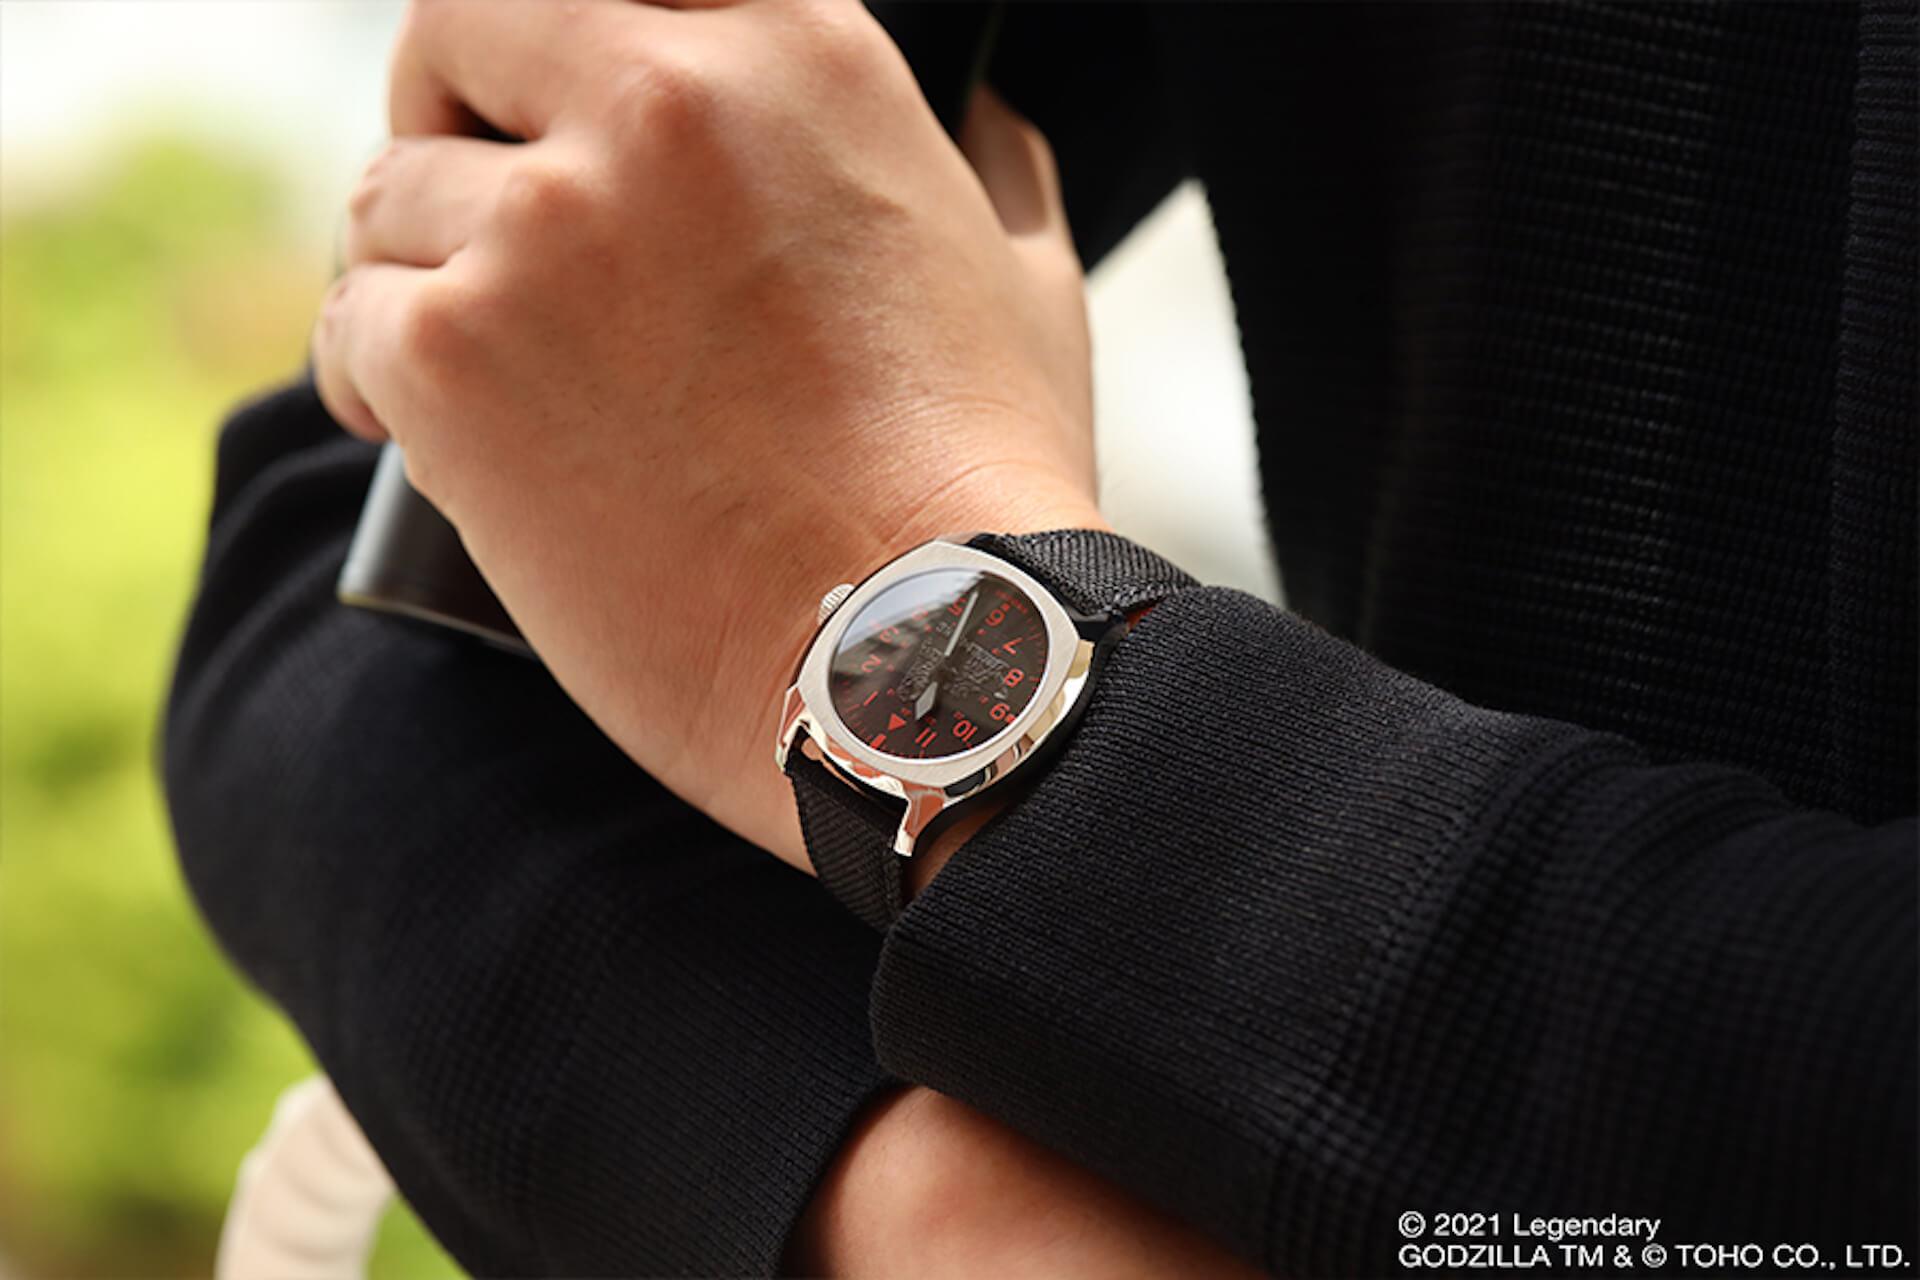 ゴジラとキングコングが腕時計に!UNDONEと『ゴジラvsコング』のコラボウォッチ2モデルが登場 tech210520_undone_godzilla_6